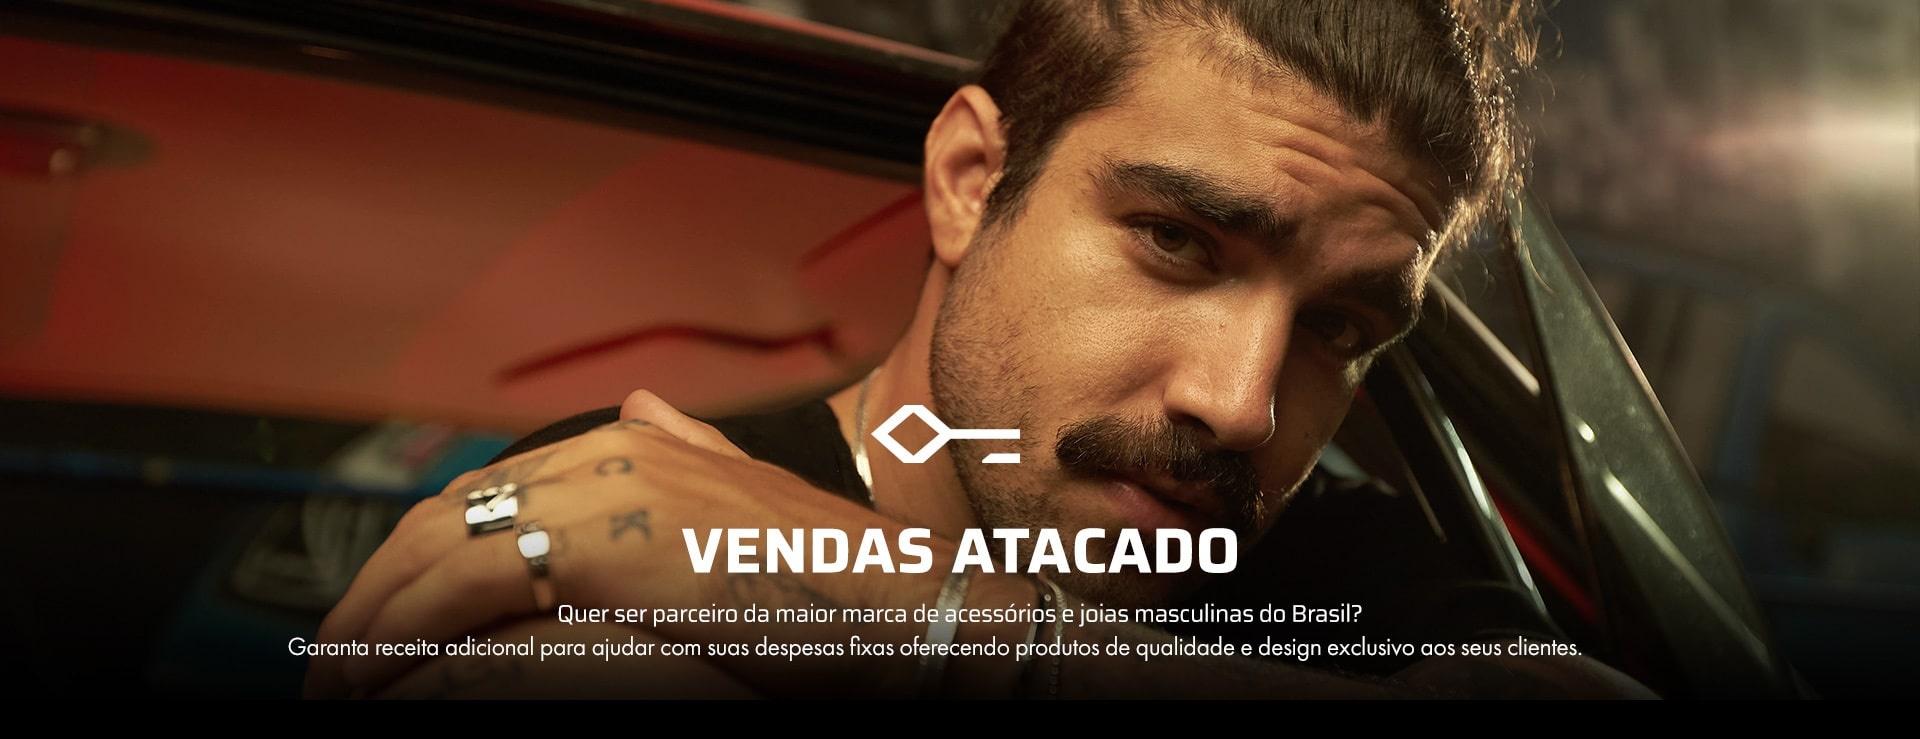 Atacado 01